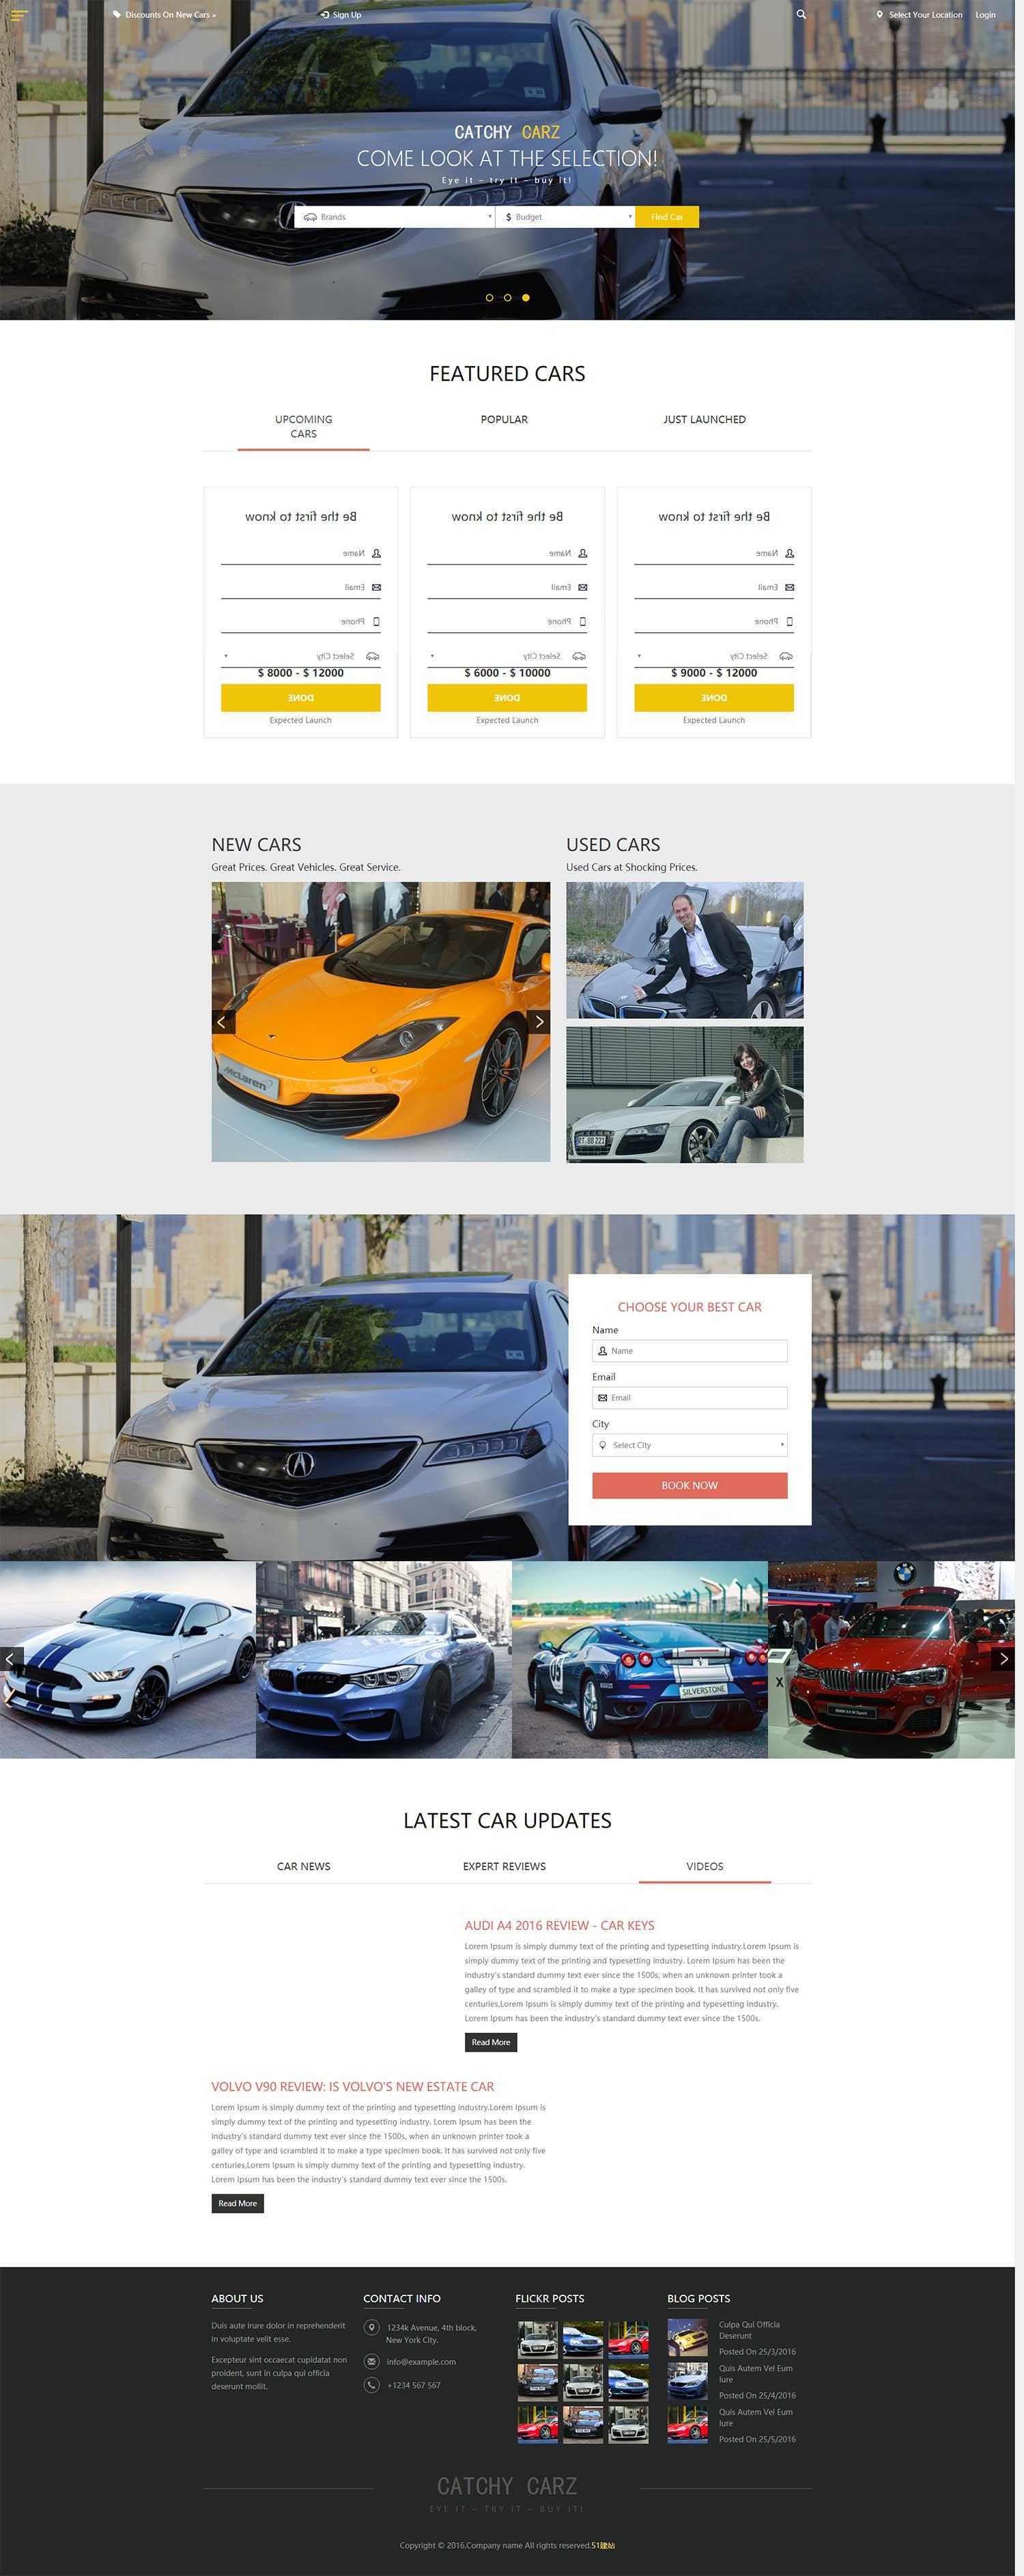 二手车交易市场网站模板里面包含24个子页面,适合个人二手轿车买卖网站模板